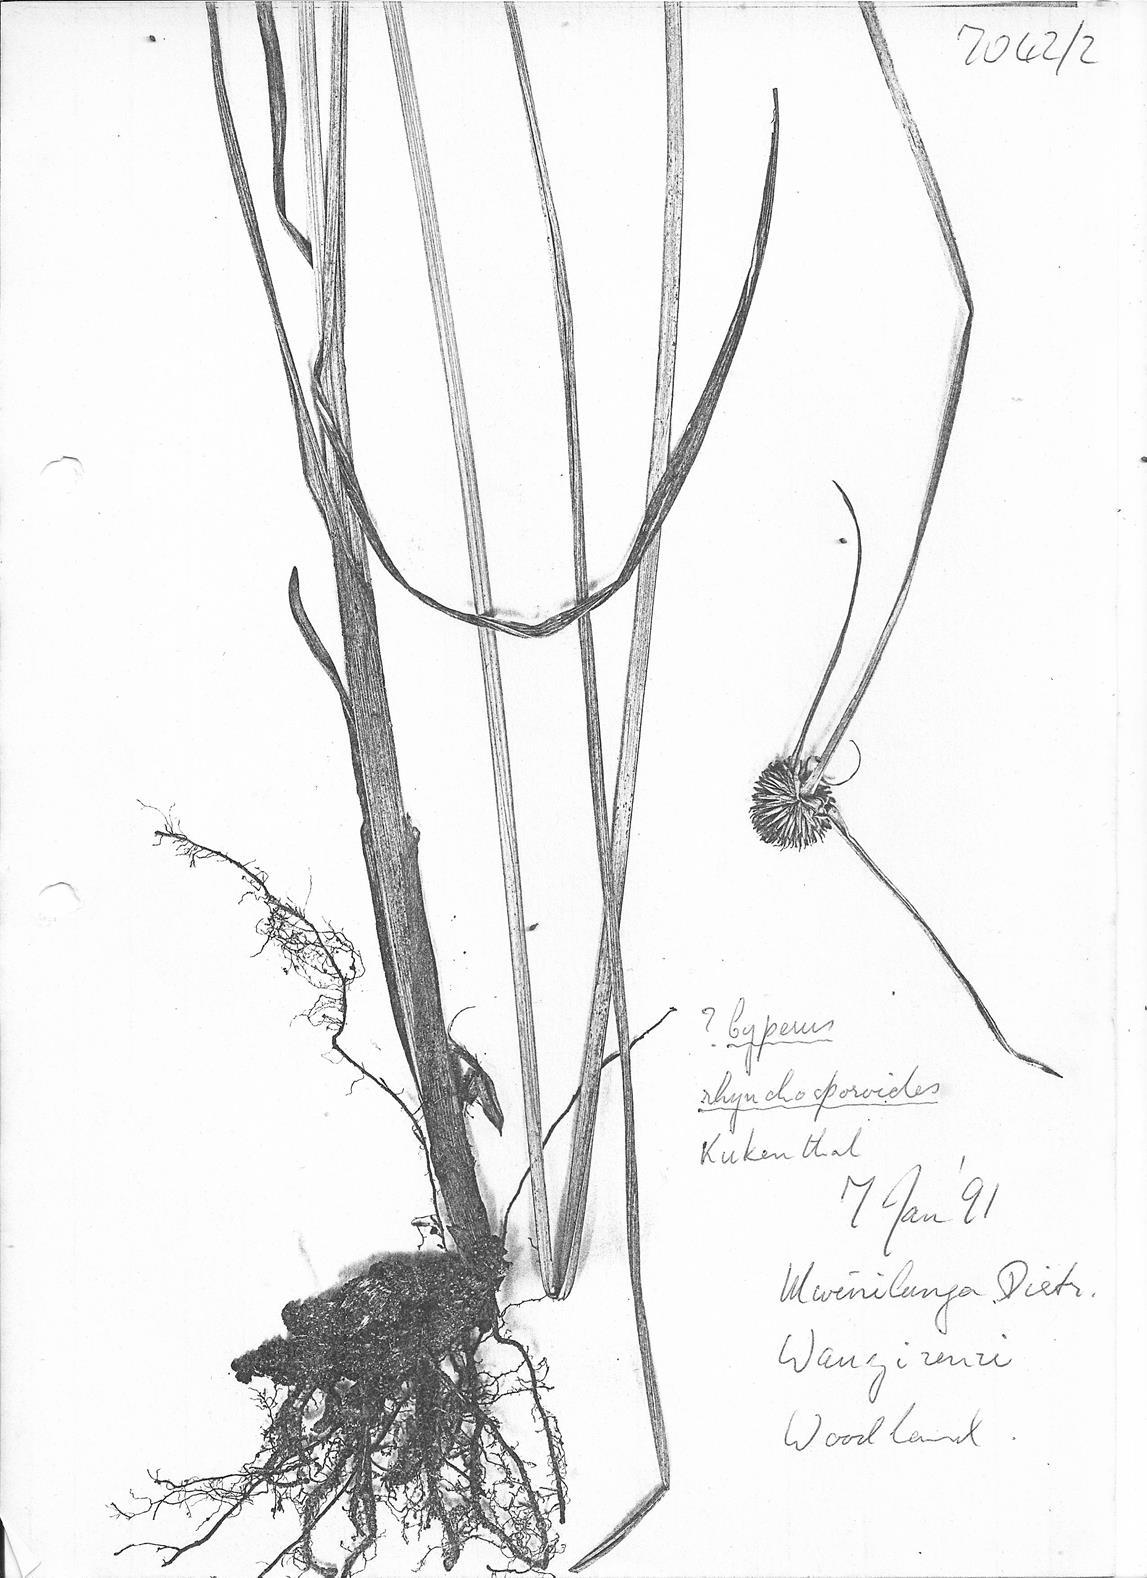 Cyperus rhynchosporoides